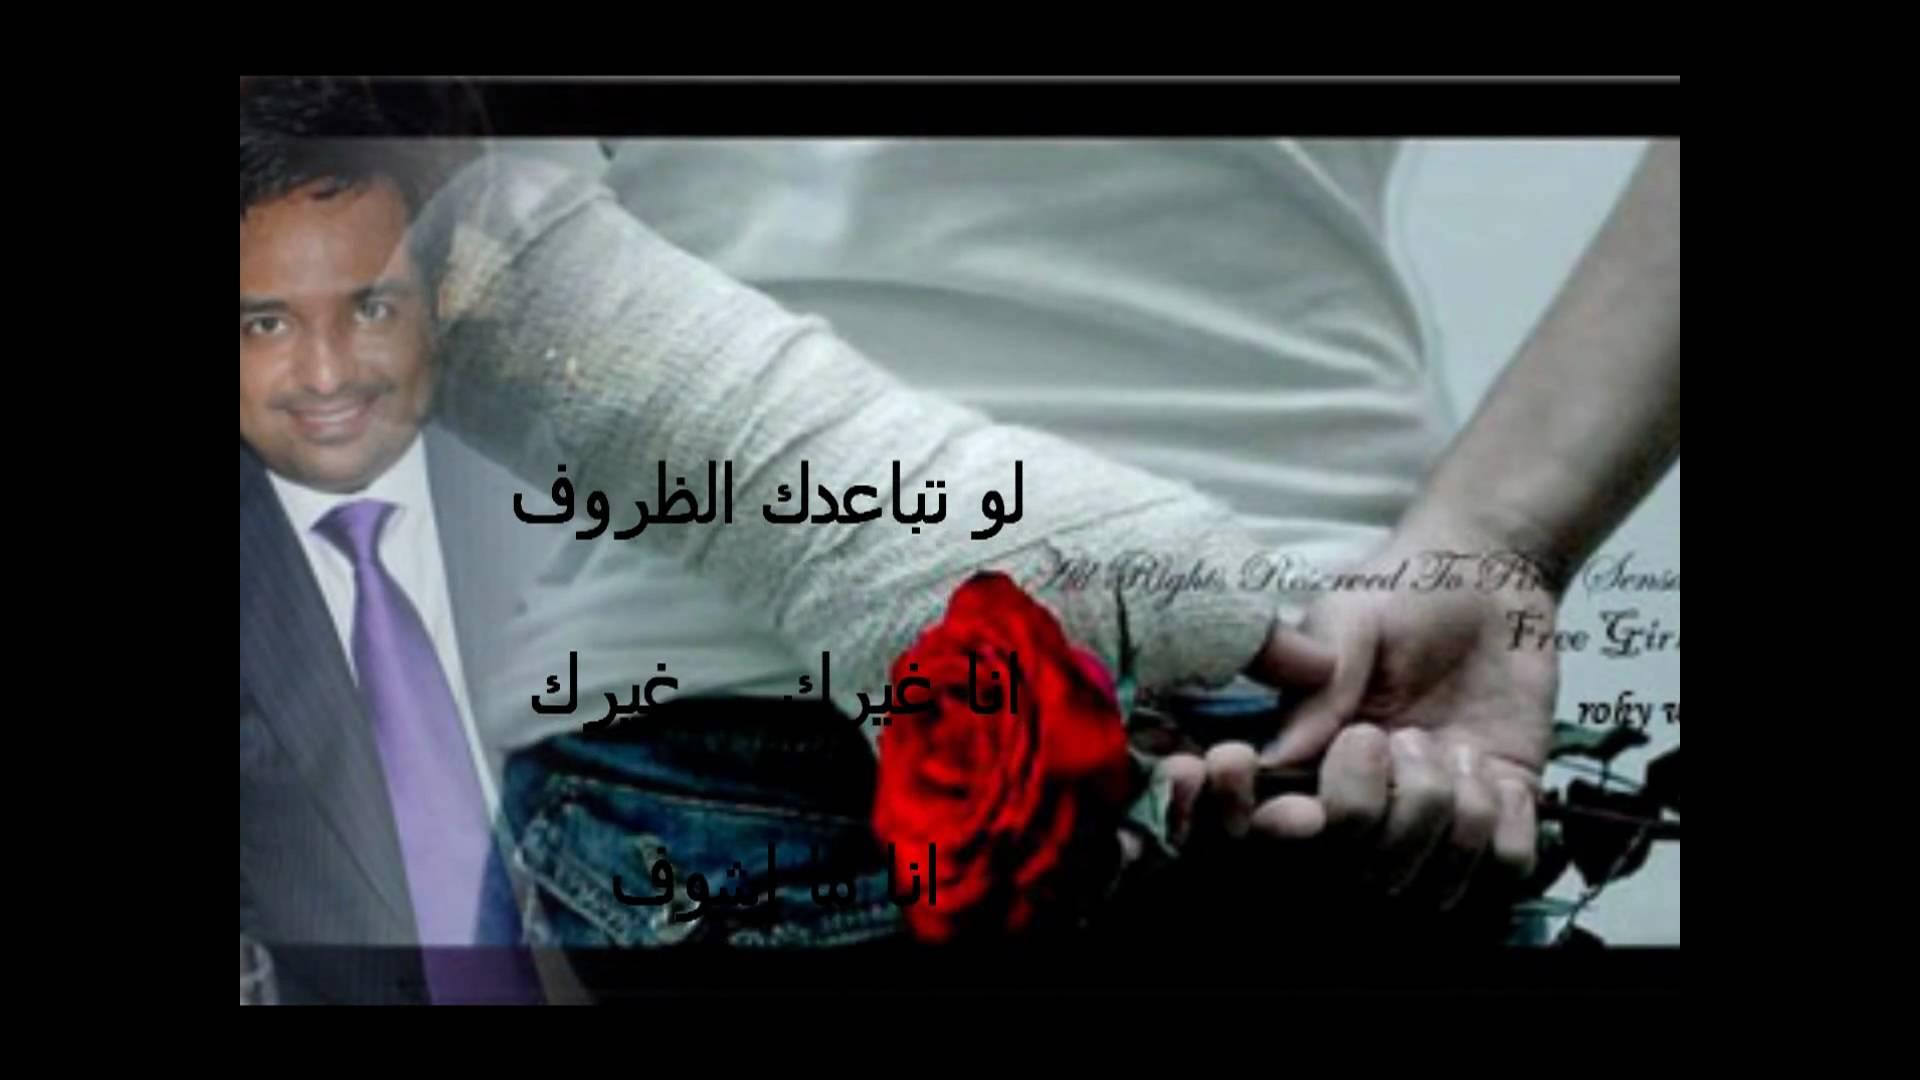 بالصور كلام حب رومانسي , اجمل اشعار قيلت فى الحب 4983 5